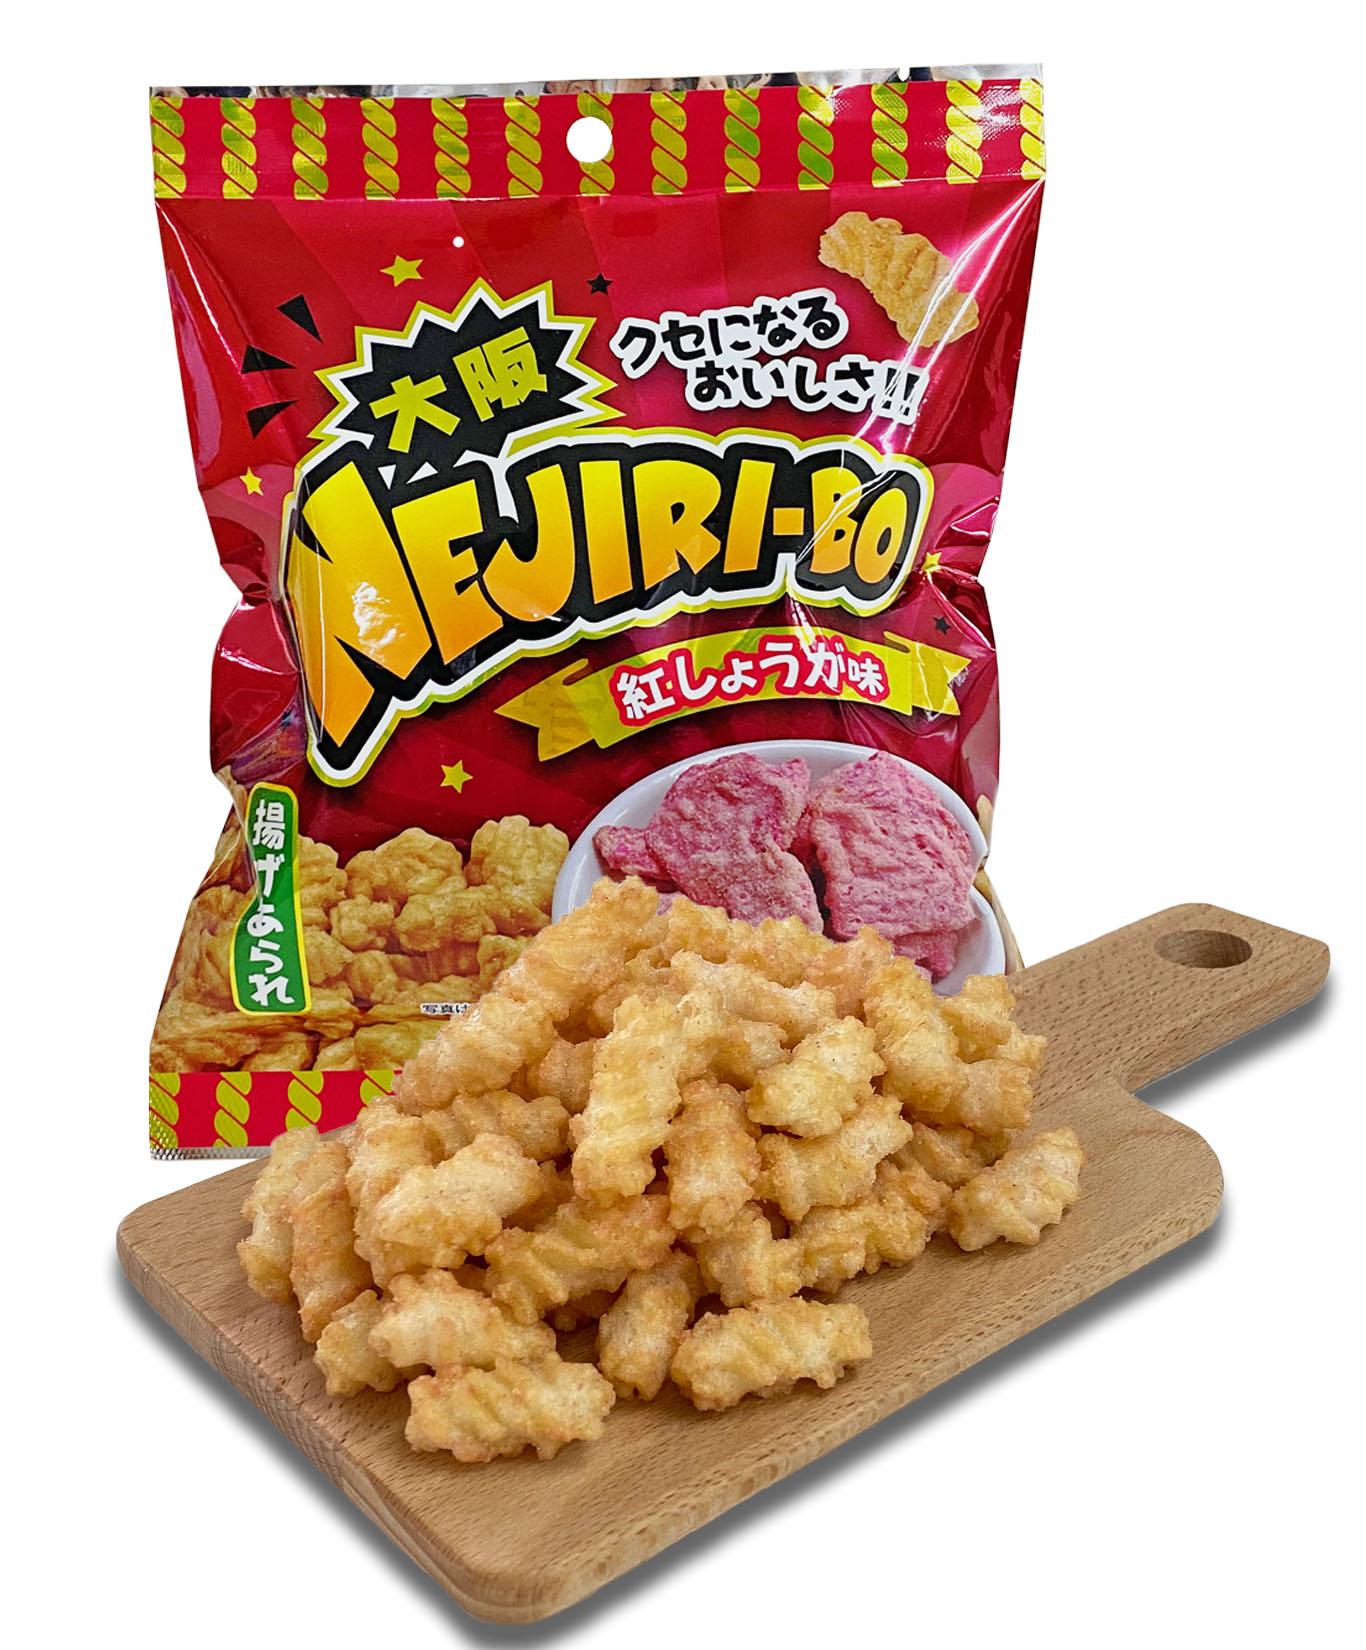 大阪NEJIRI-BO 紅しょうが味